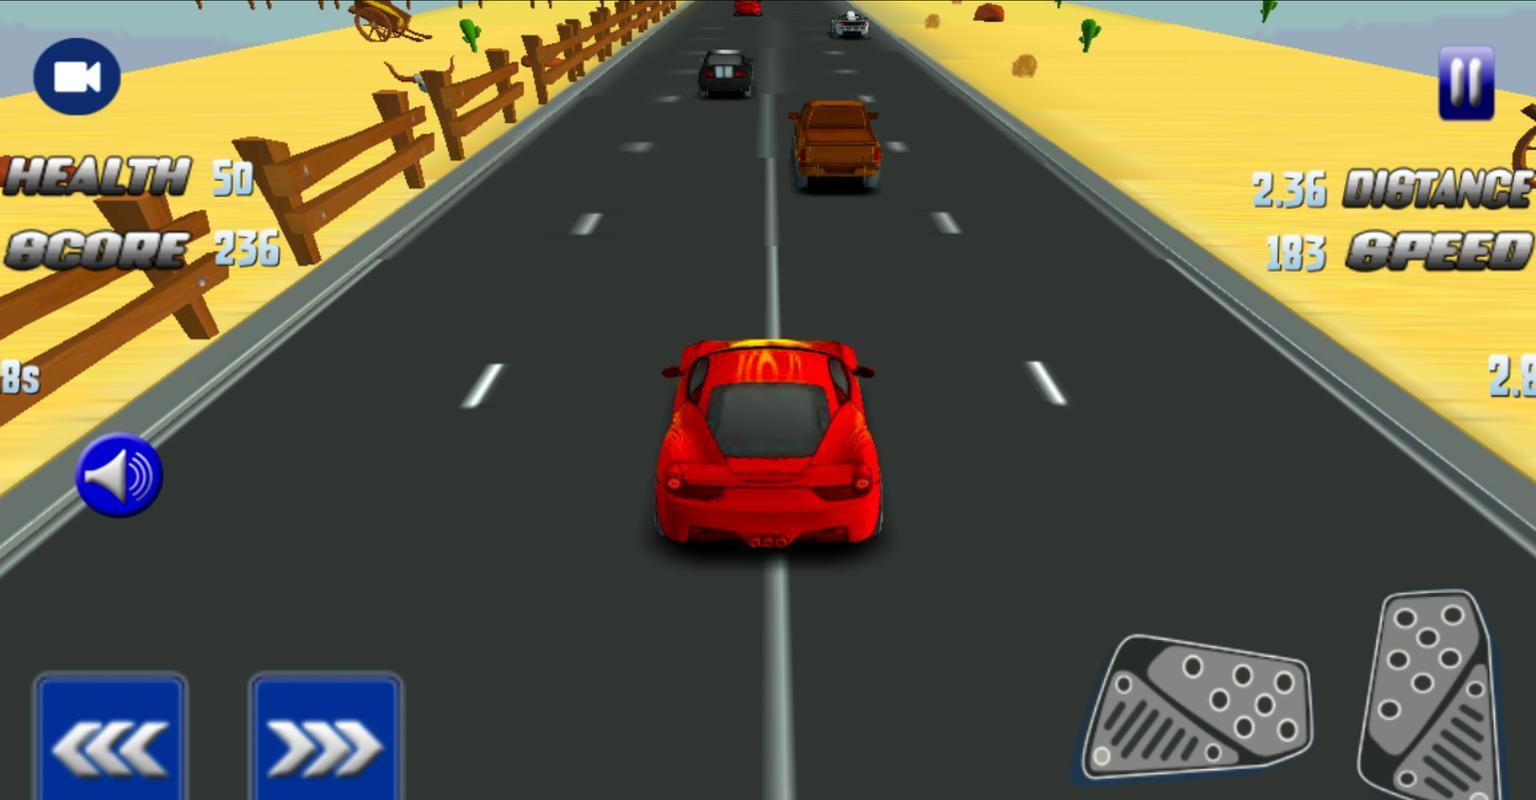 Cars Roadblocks Game